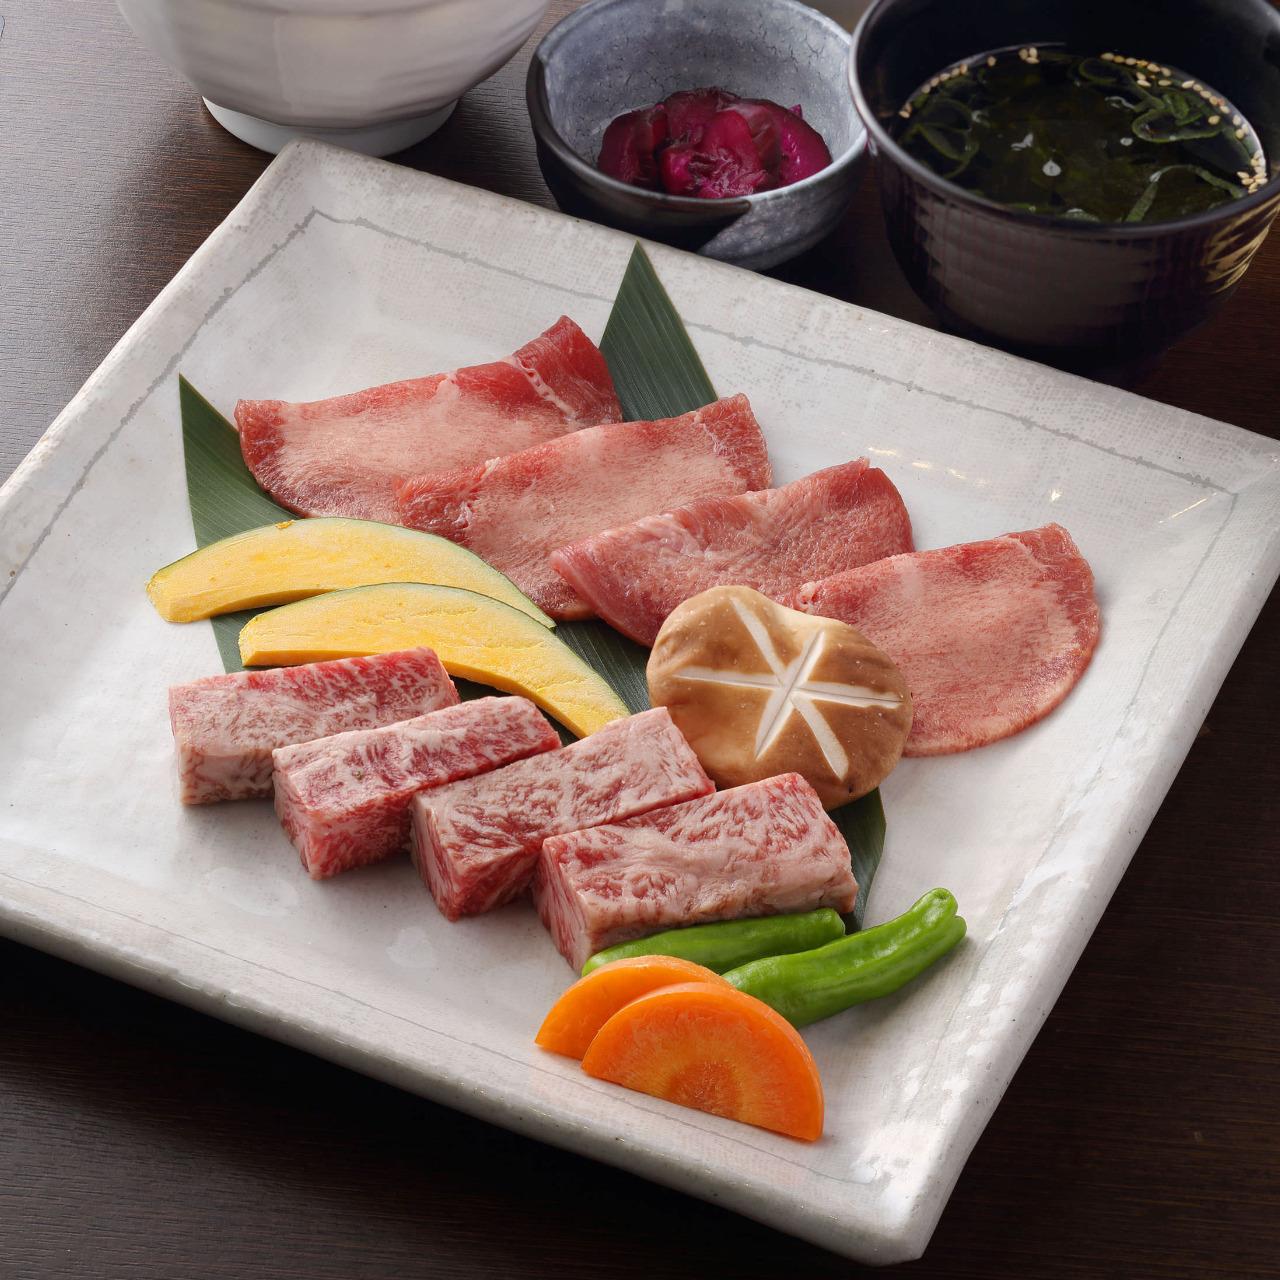 薄切り牛上塩タン&九州黒毛和牛サーロイン 炭焼きセット